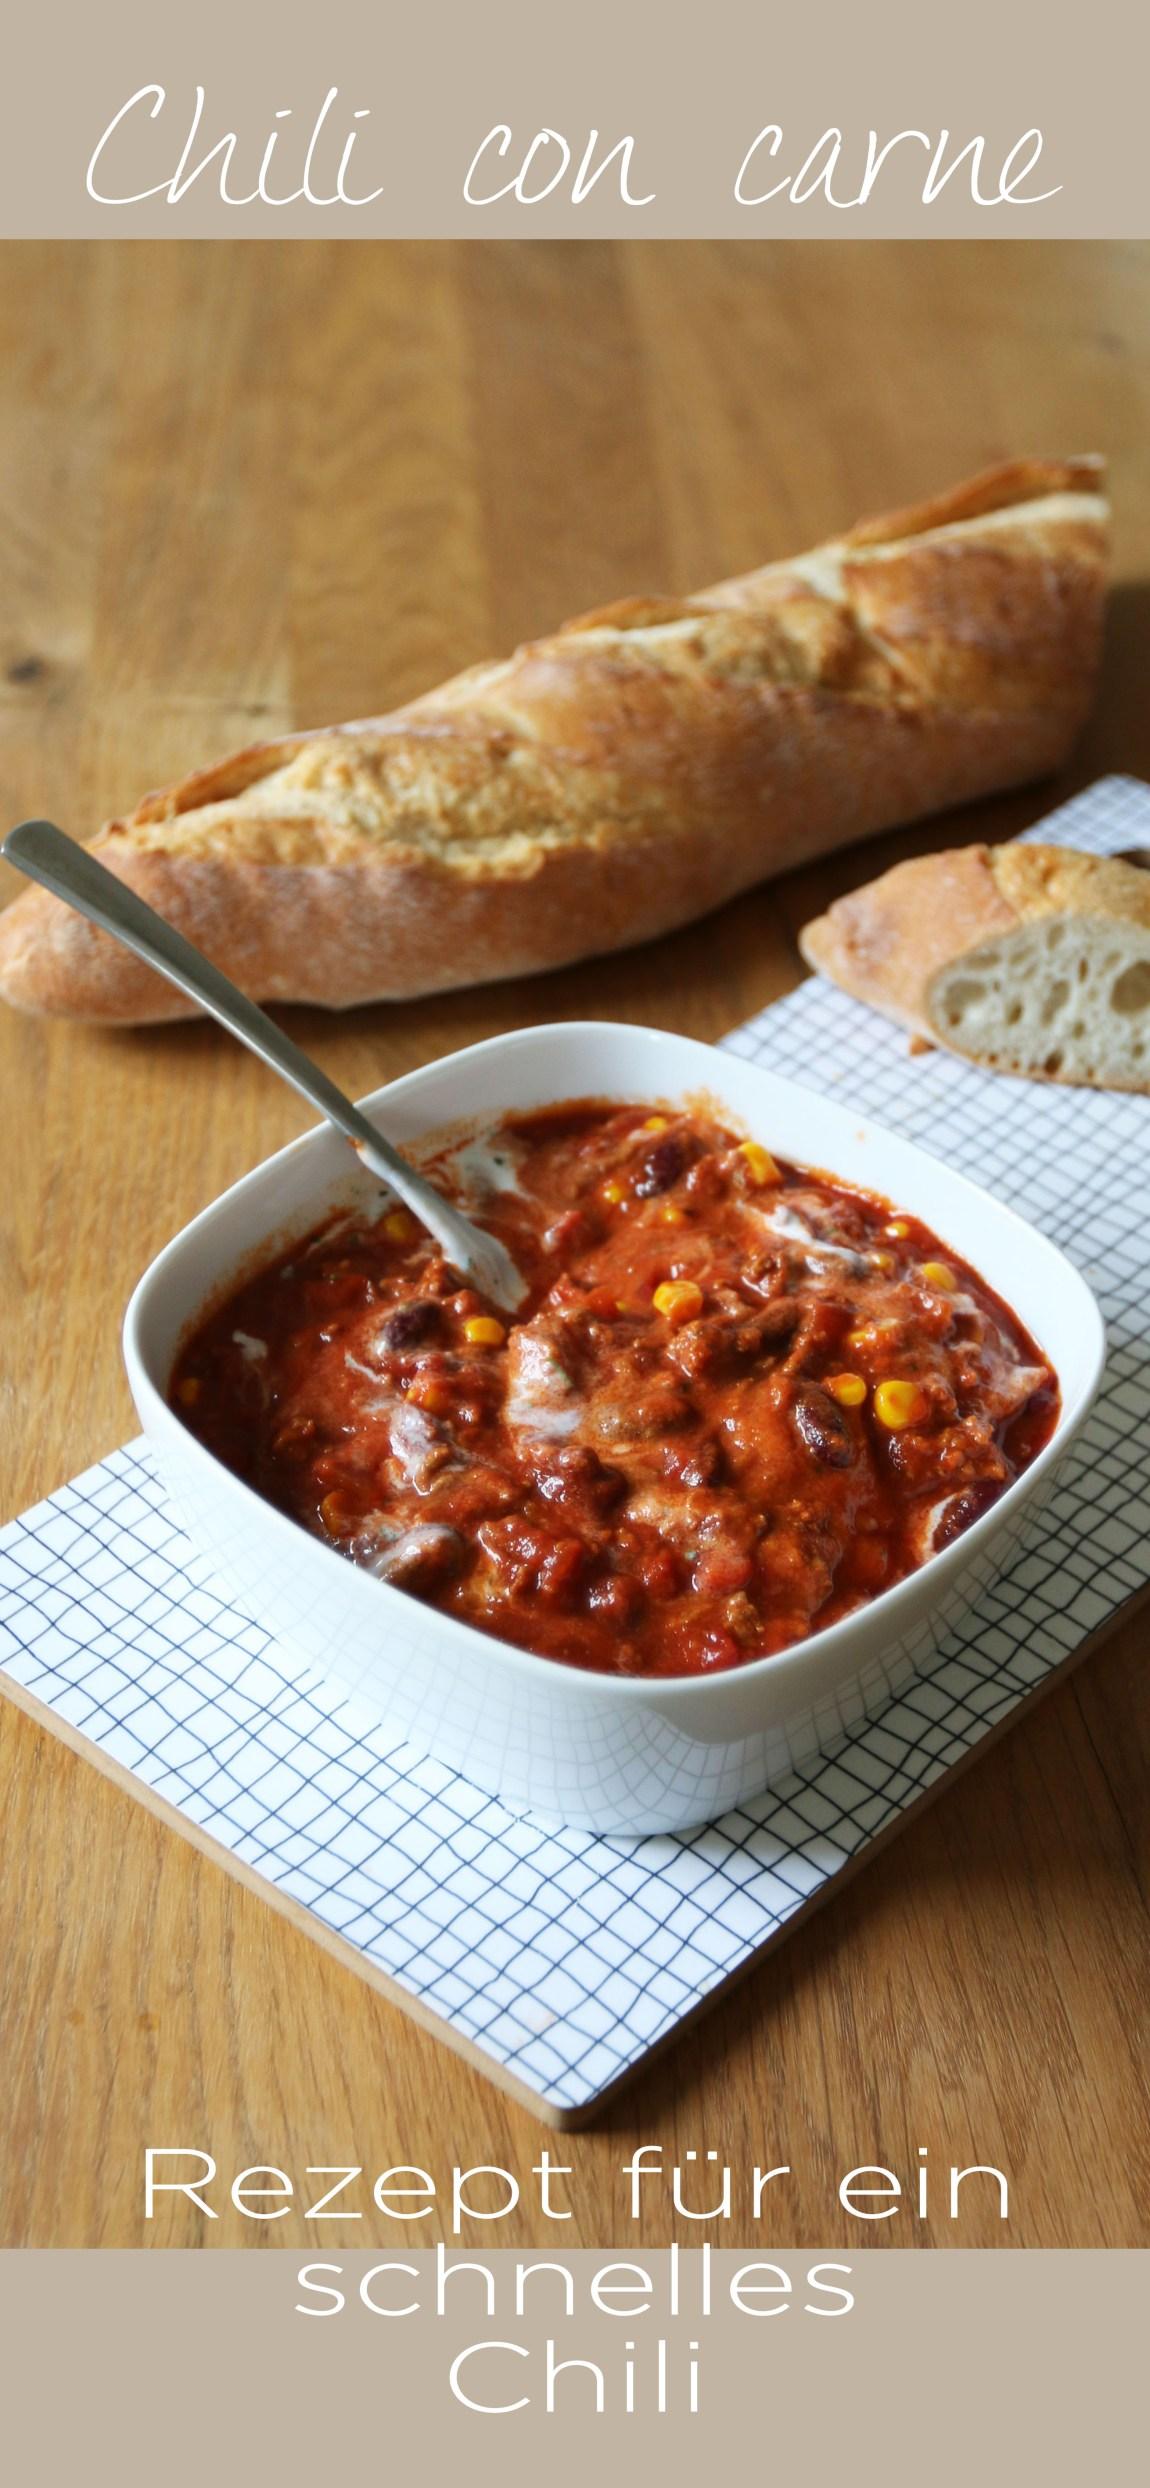 Ein einfaches und leckeres Rezept für Chili con carne gibt es jetzt auf dem Blog. Für mich ein echter Klassiker. | Ichsowirso